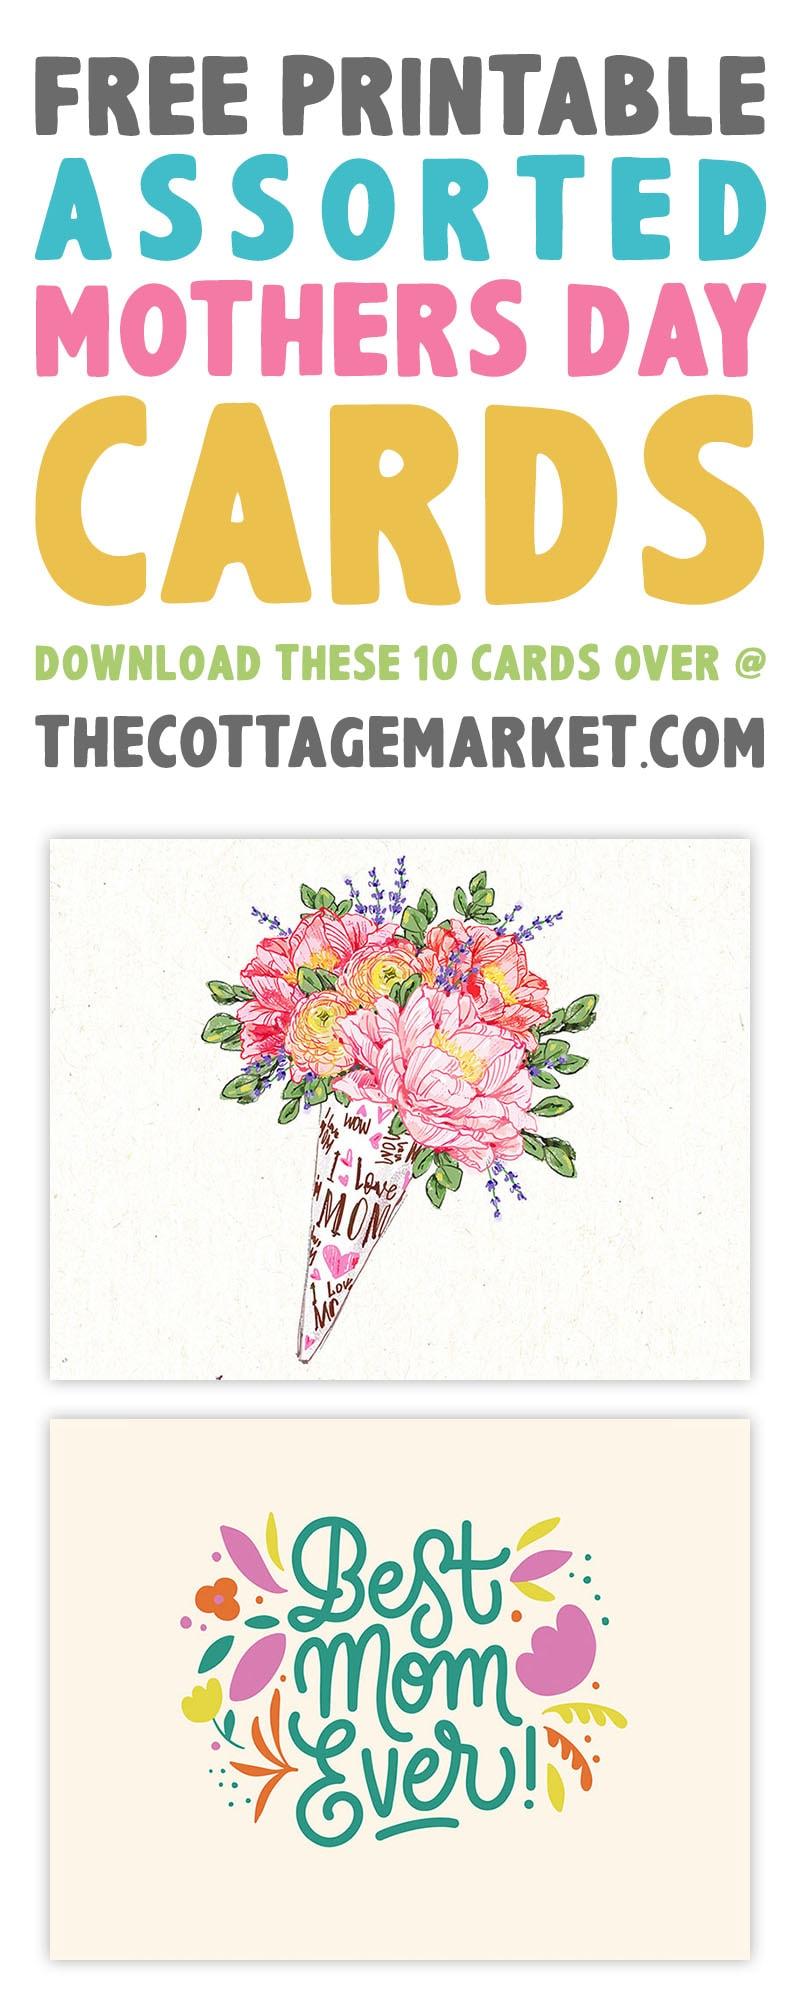 https://thecottagemarket.com/wp-content/uploads/2021/04/TCM-MothersDayCards-t-1.jpg